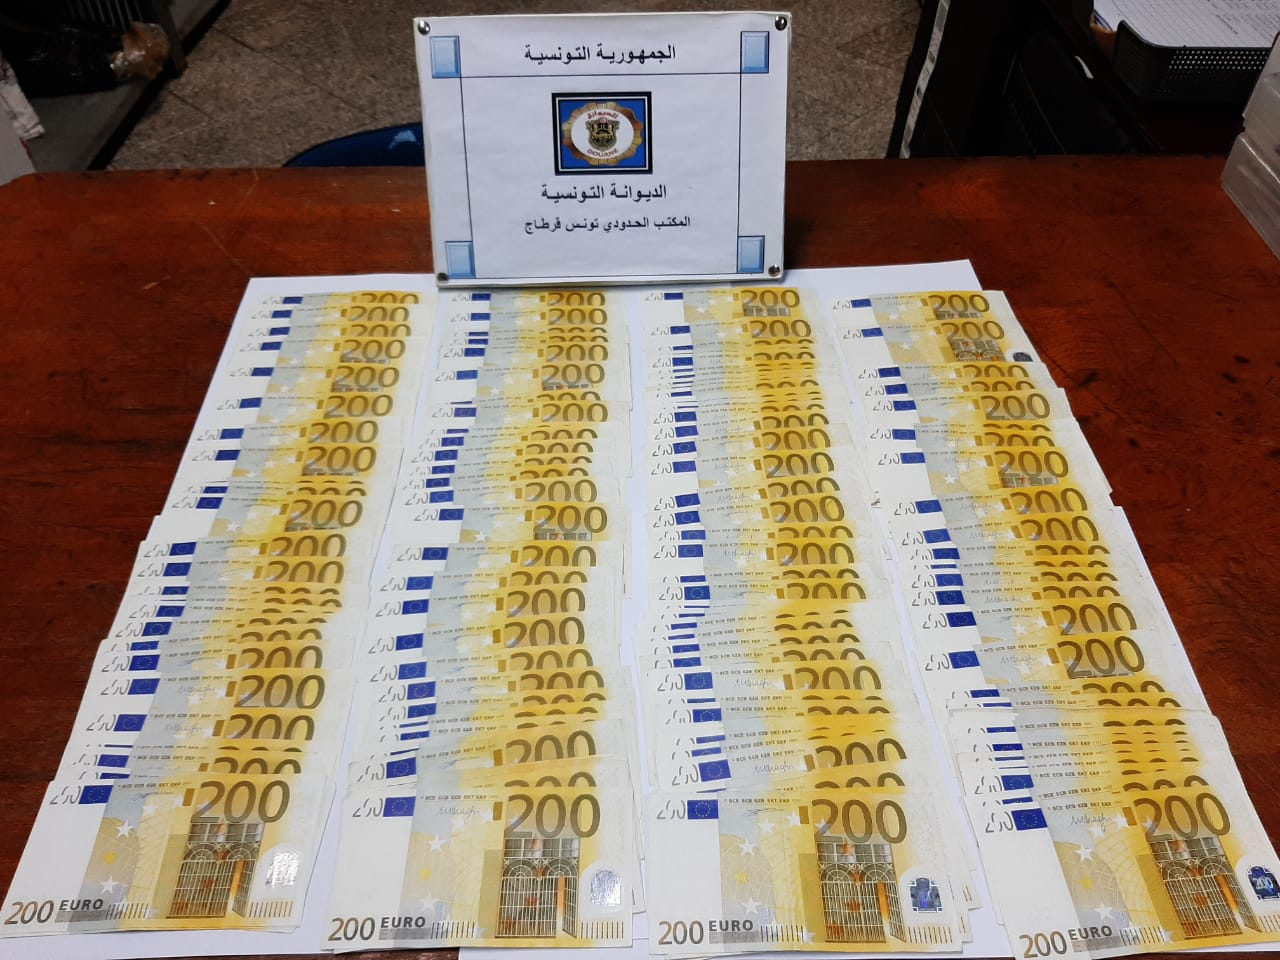 مصالح الديوانة بمطار تونس قرطاج تحجز مبالغ من العملة الأجنبية تفوق مليون دينار: